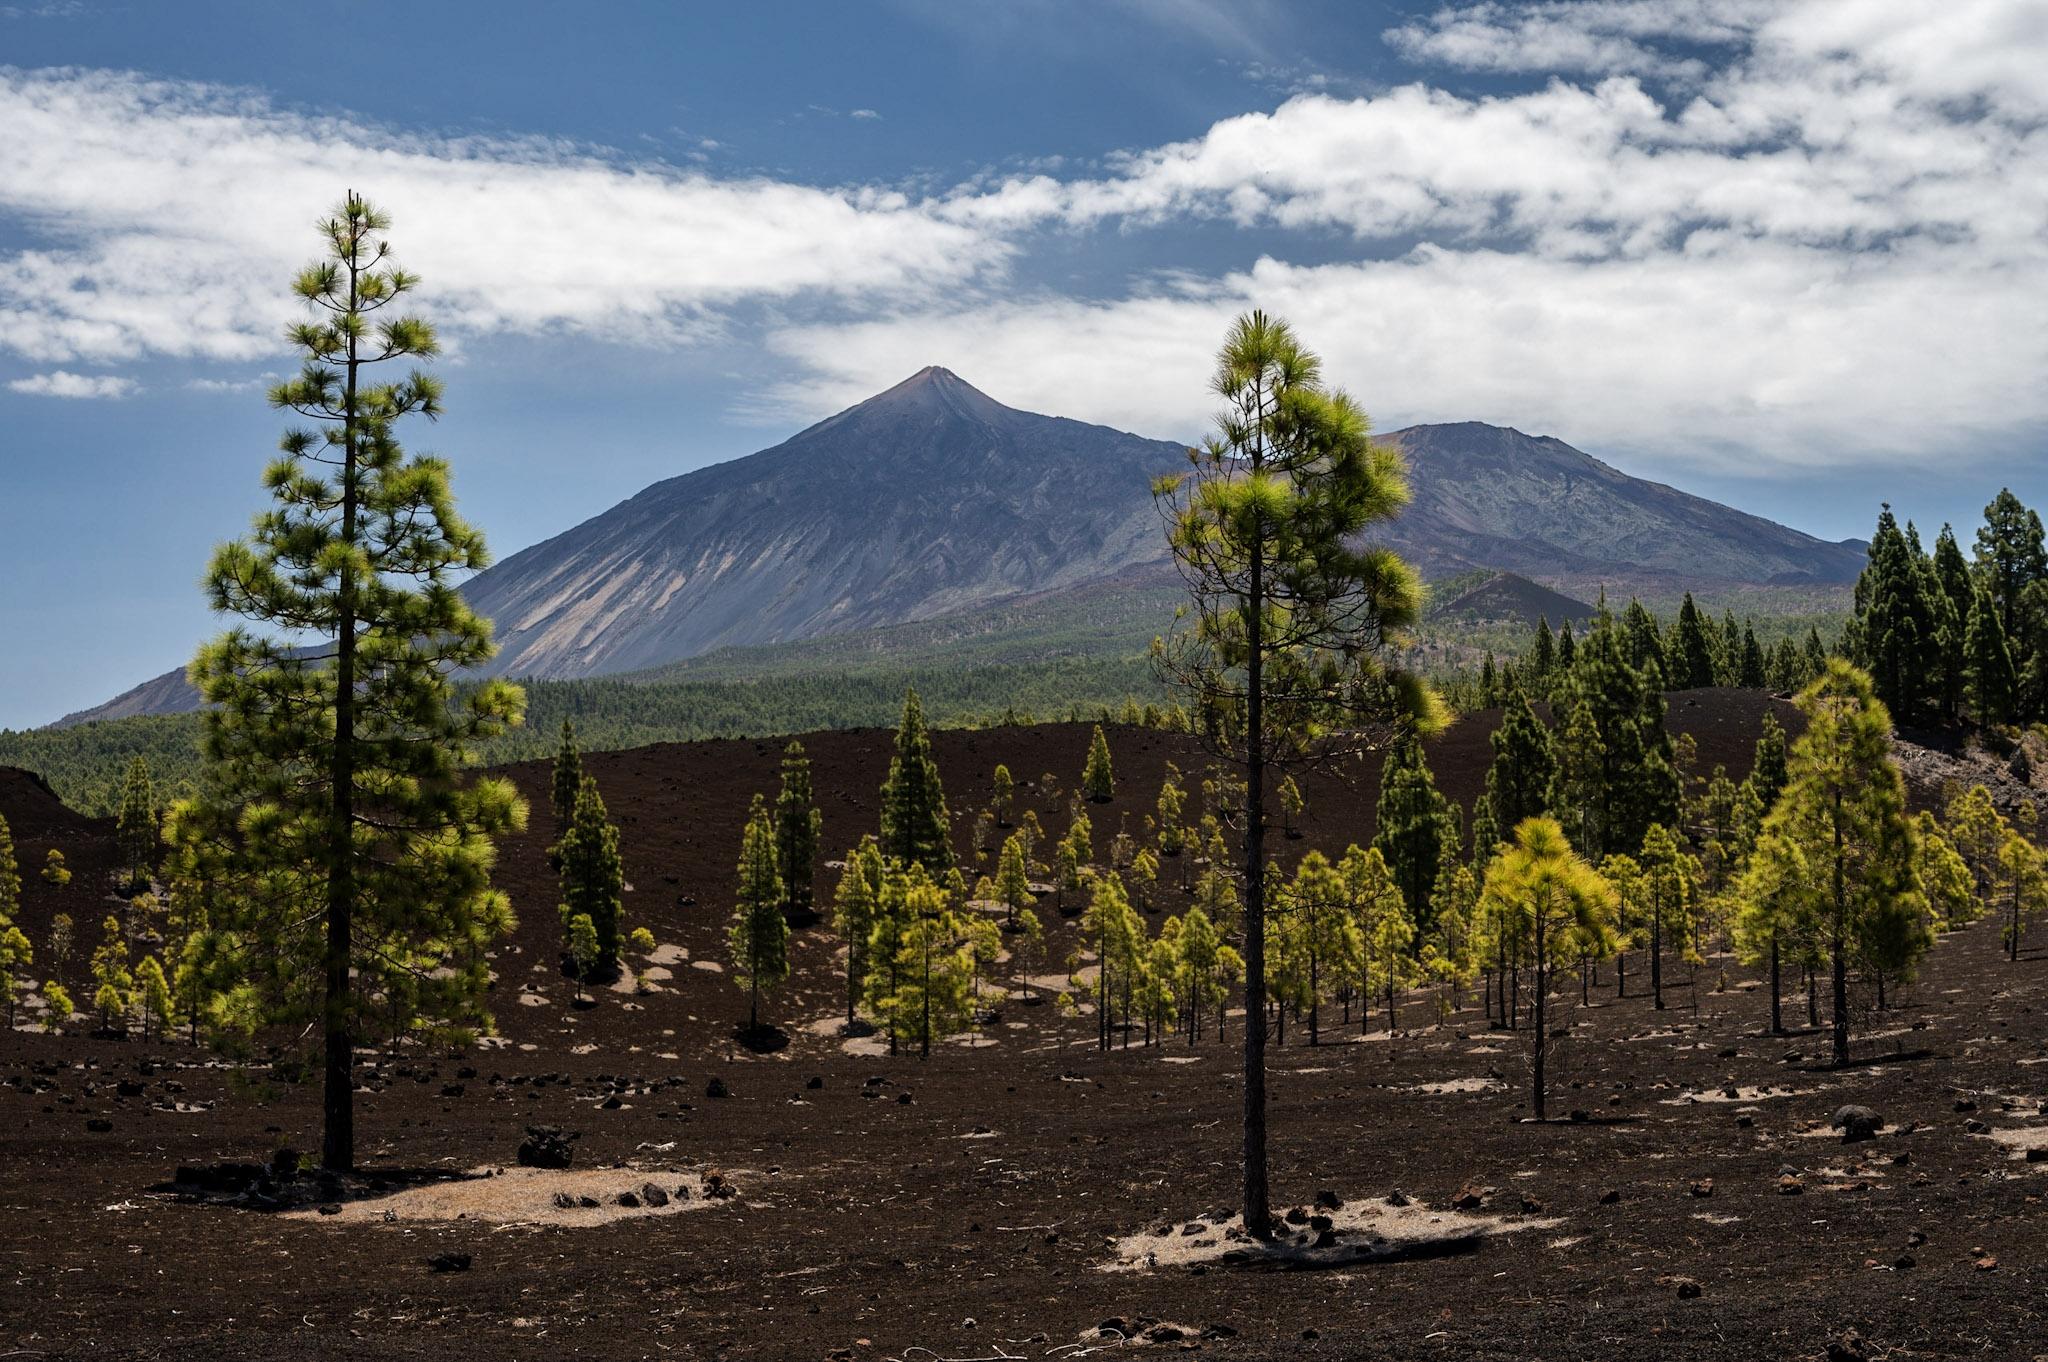 Magická krajina v oblasti vulkánů Garachico a Chinyero